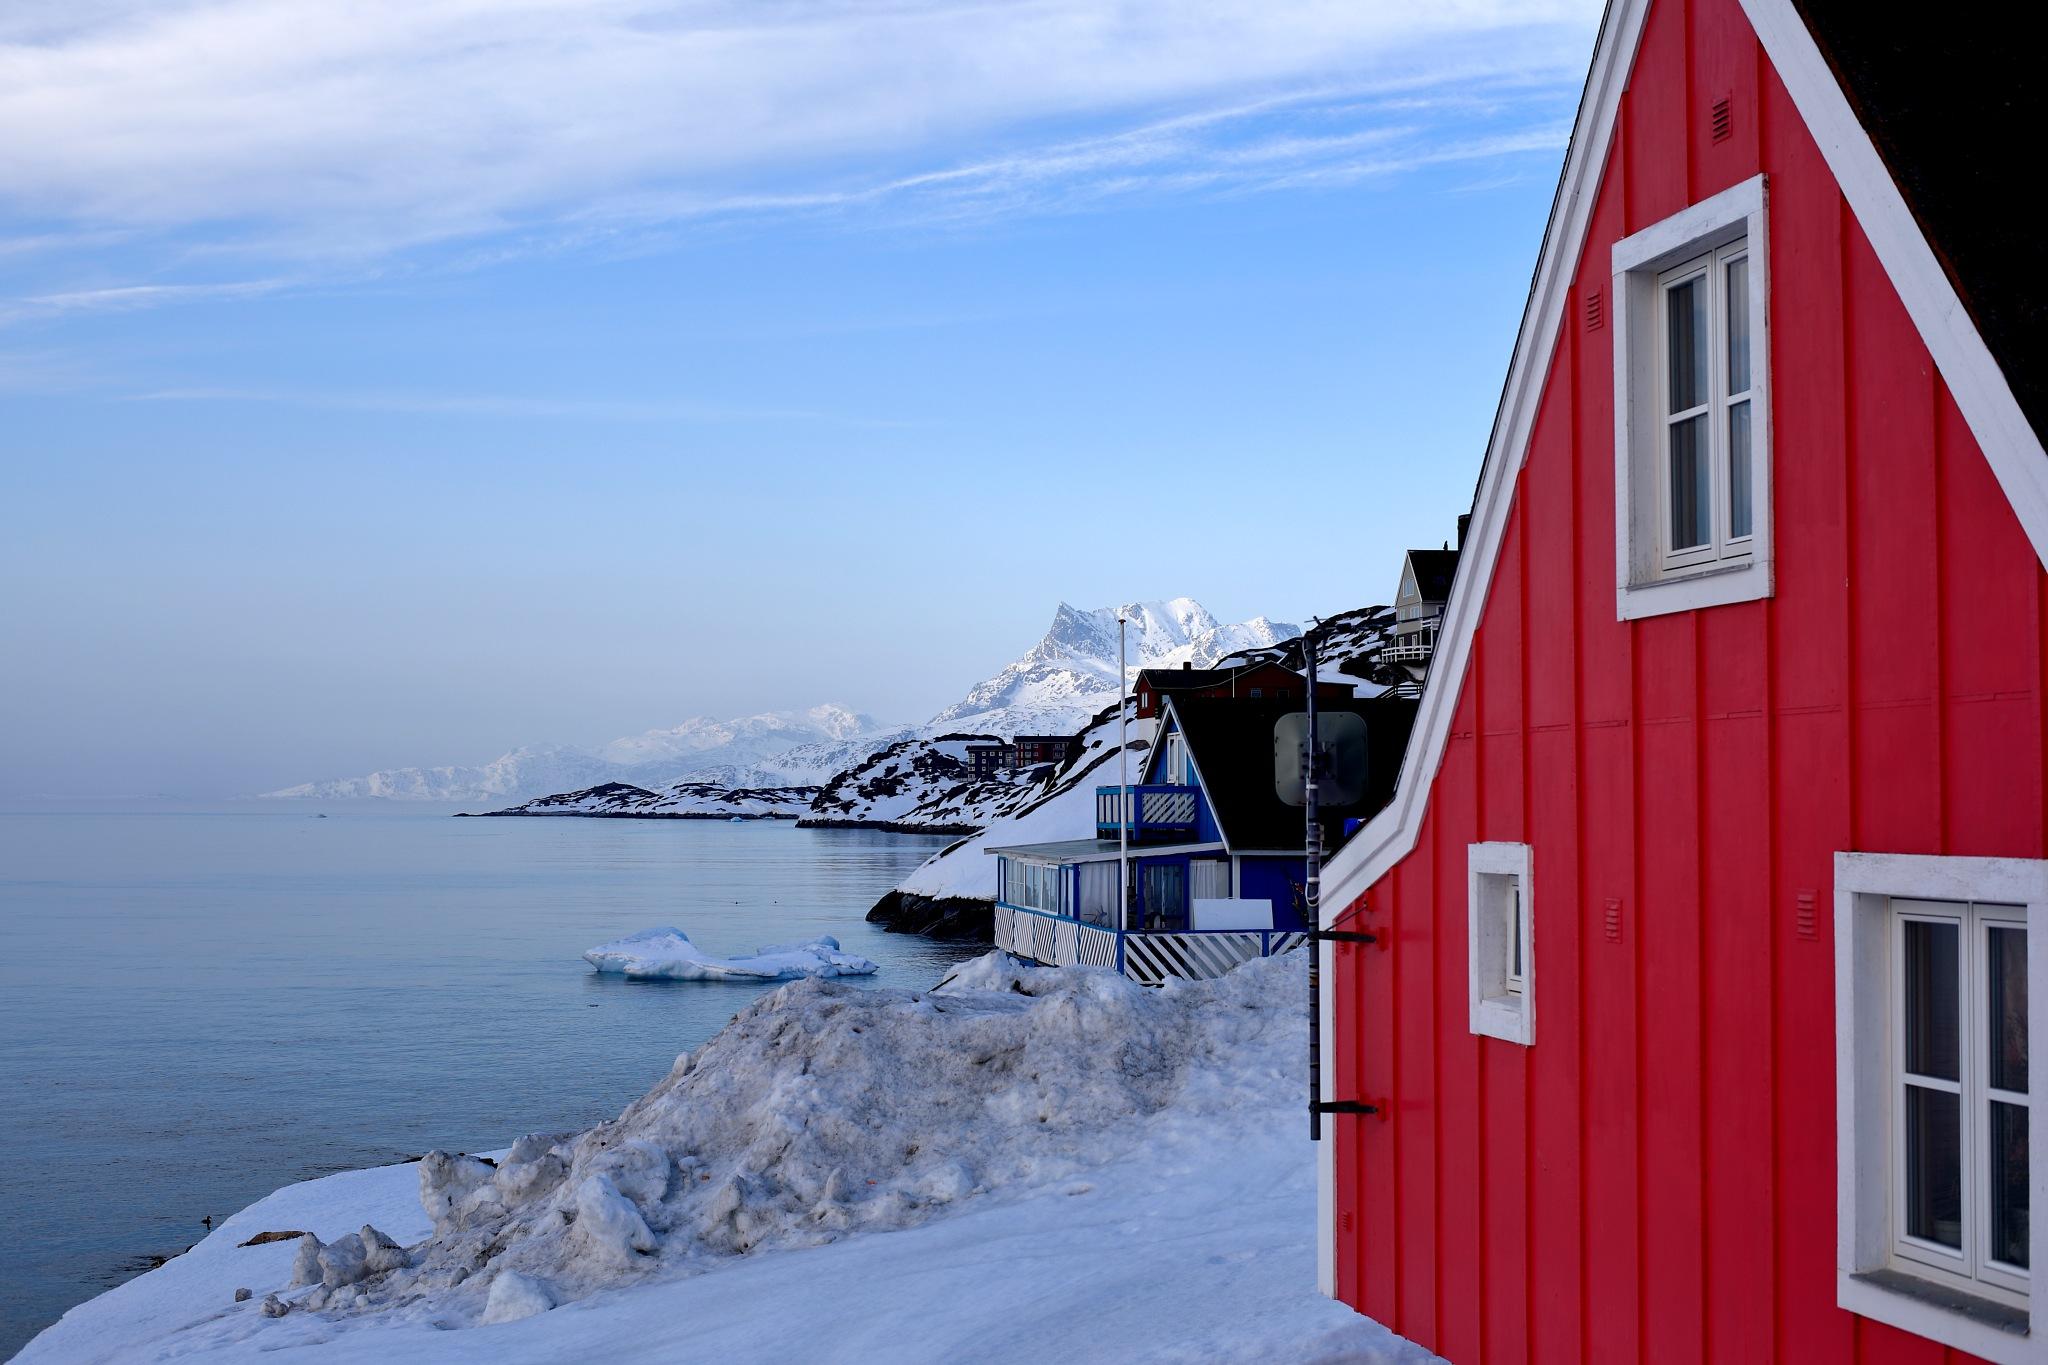 vores smukke fjord.6 maj. by Tom Augo Lynge